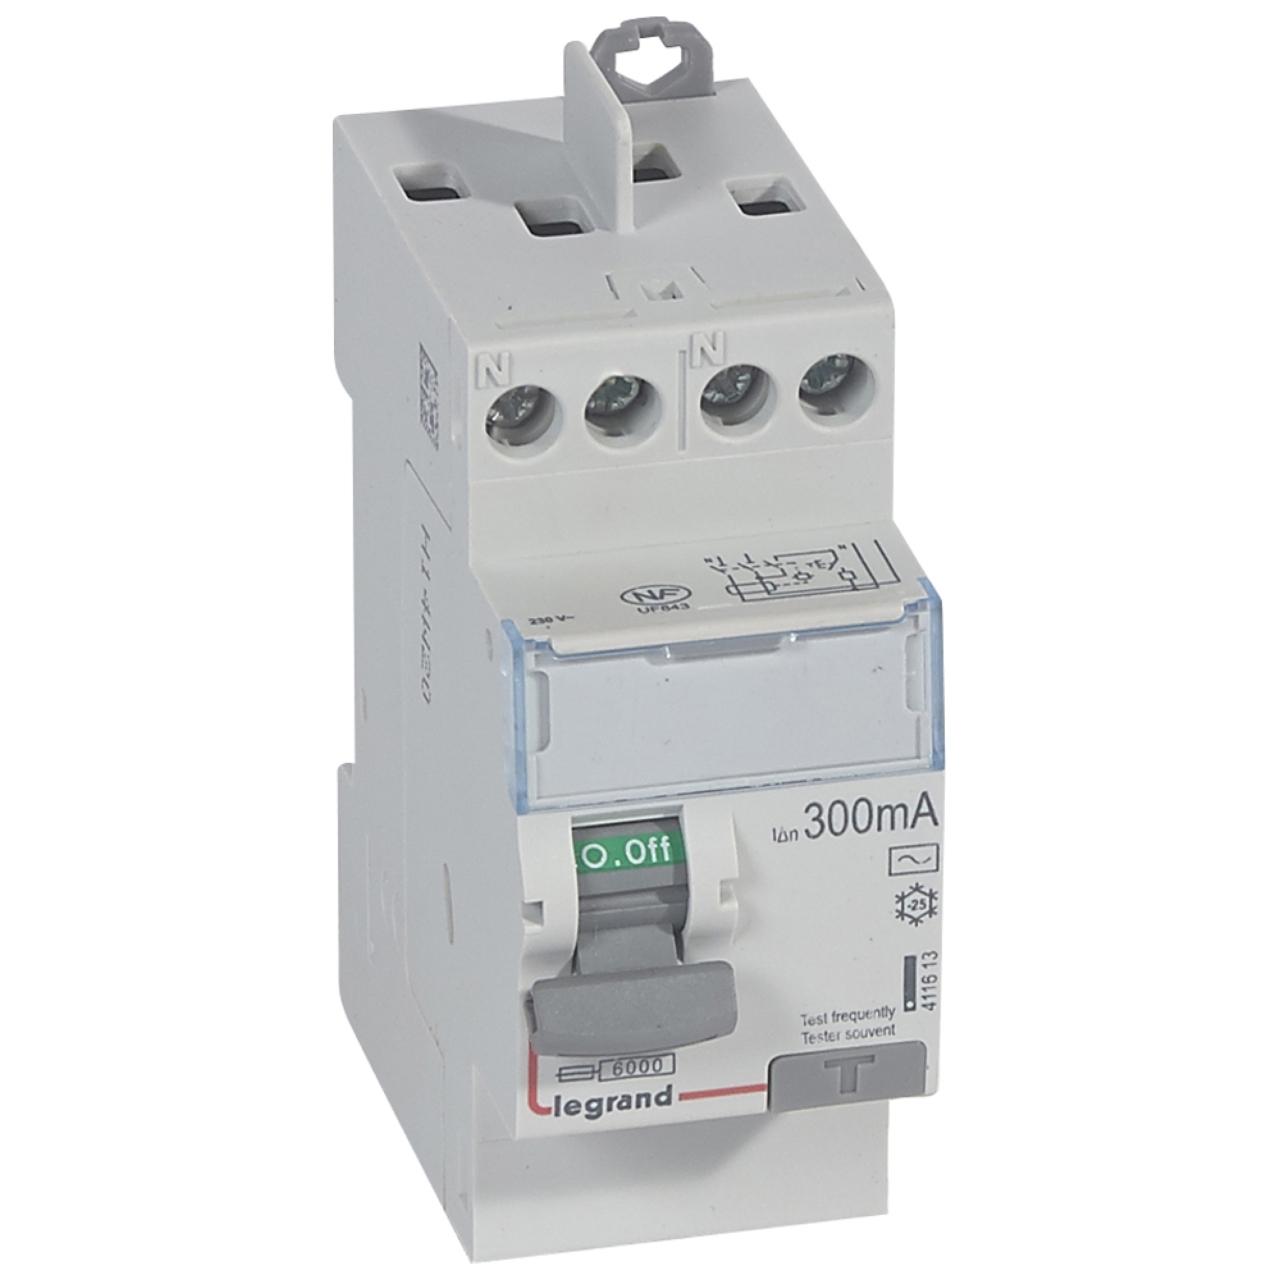 Interrupteur différentiel Legrand DX3 25A 300mA 2 Poles type AC - Vis   Vis d9782ad77b7c